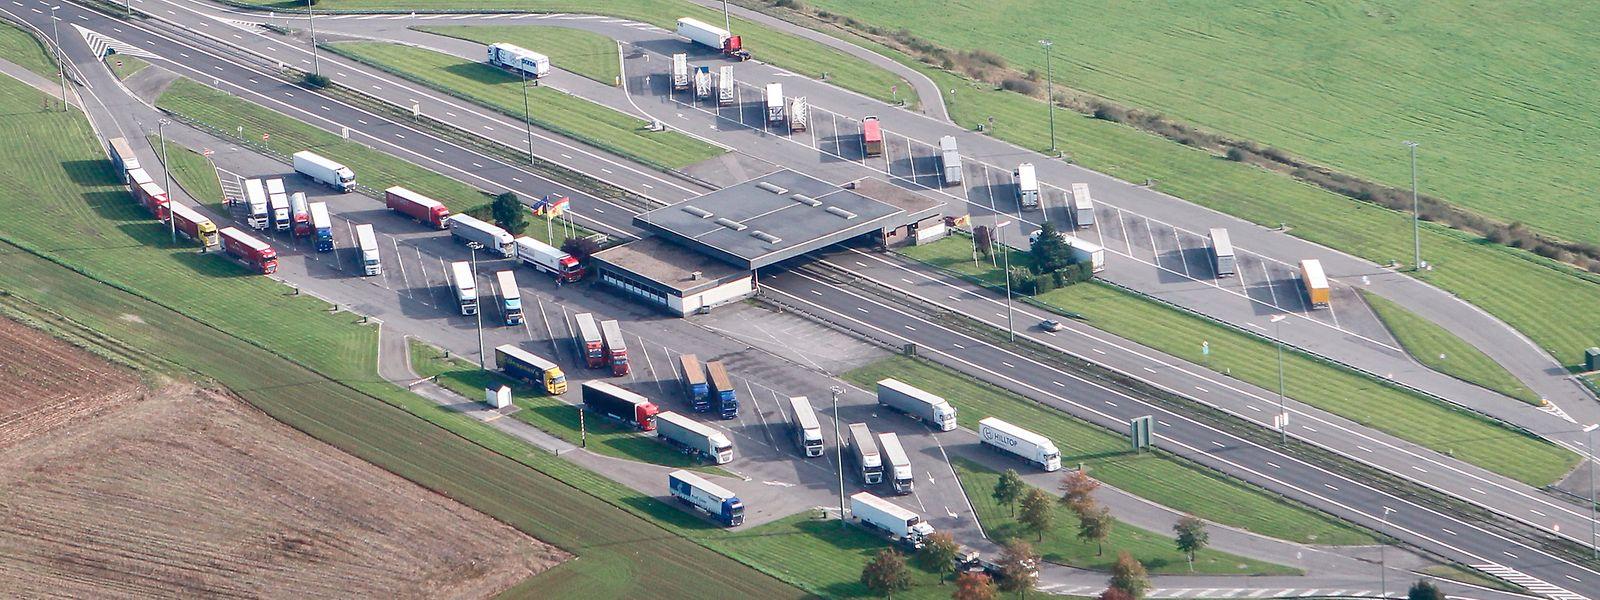 Si les bâtiments des douanes ont disparu, les parkings restent accessibles sur l'aire de Sterpenich.